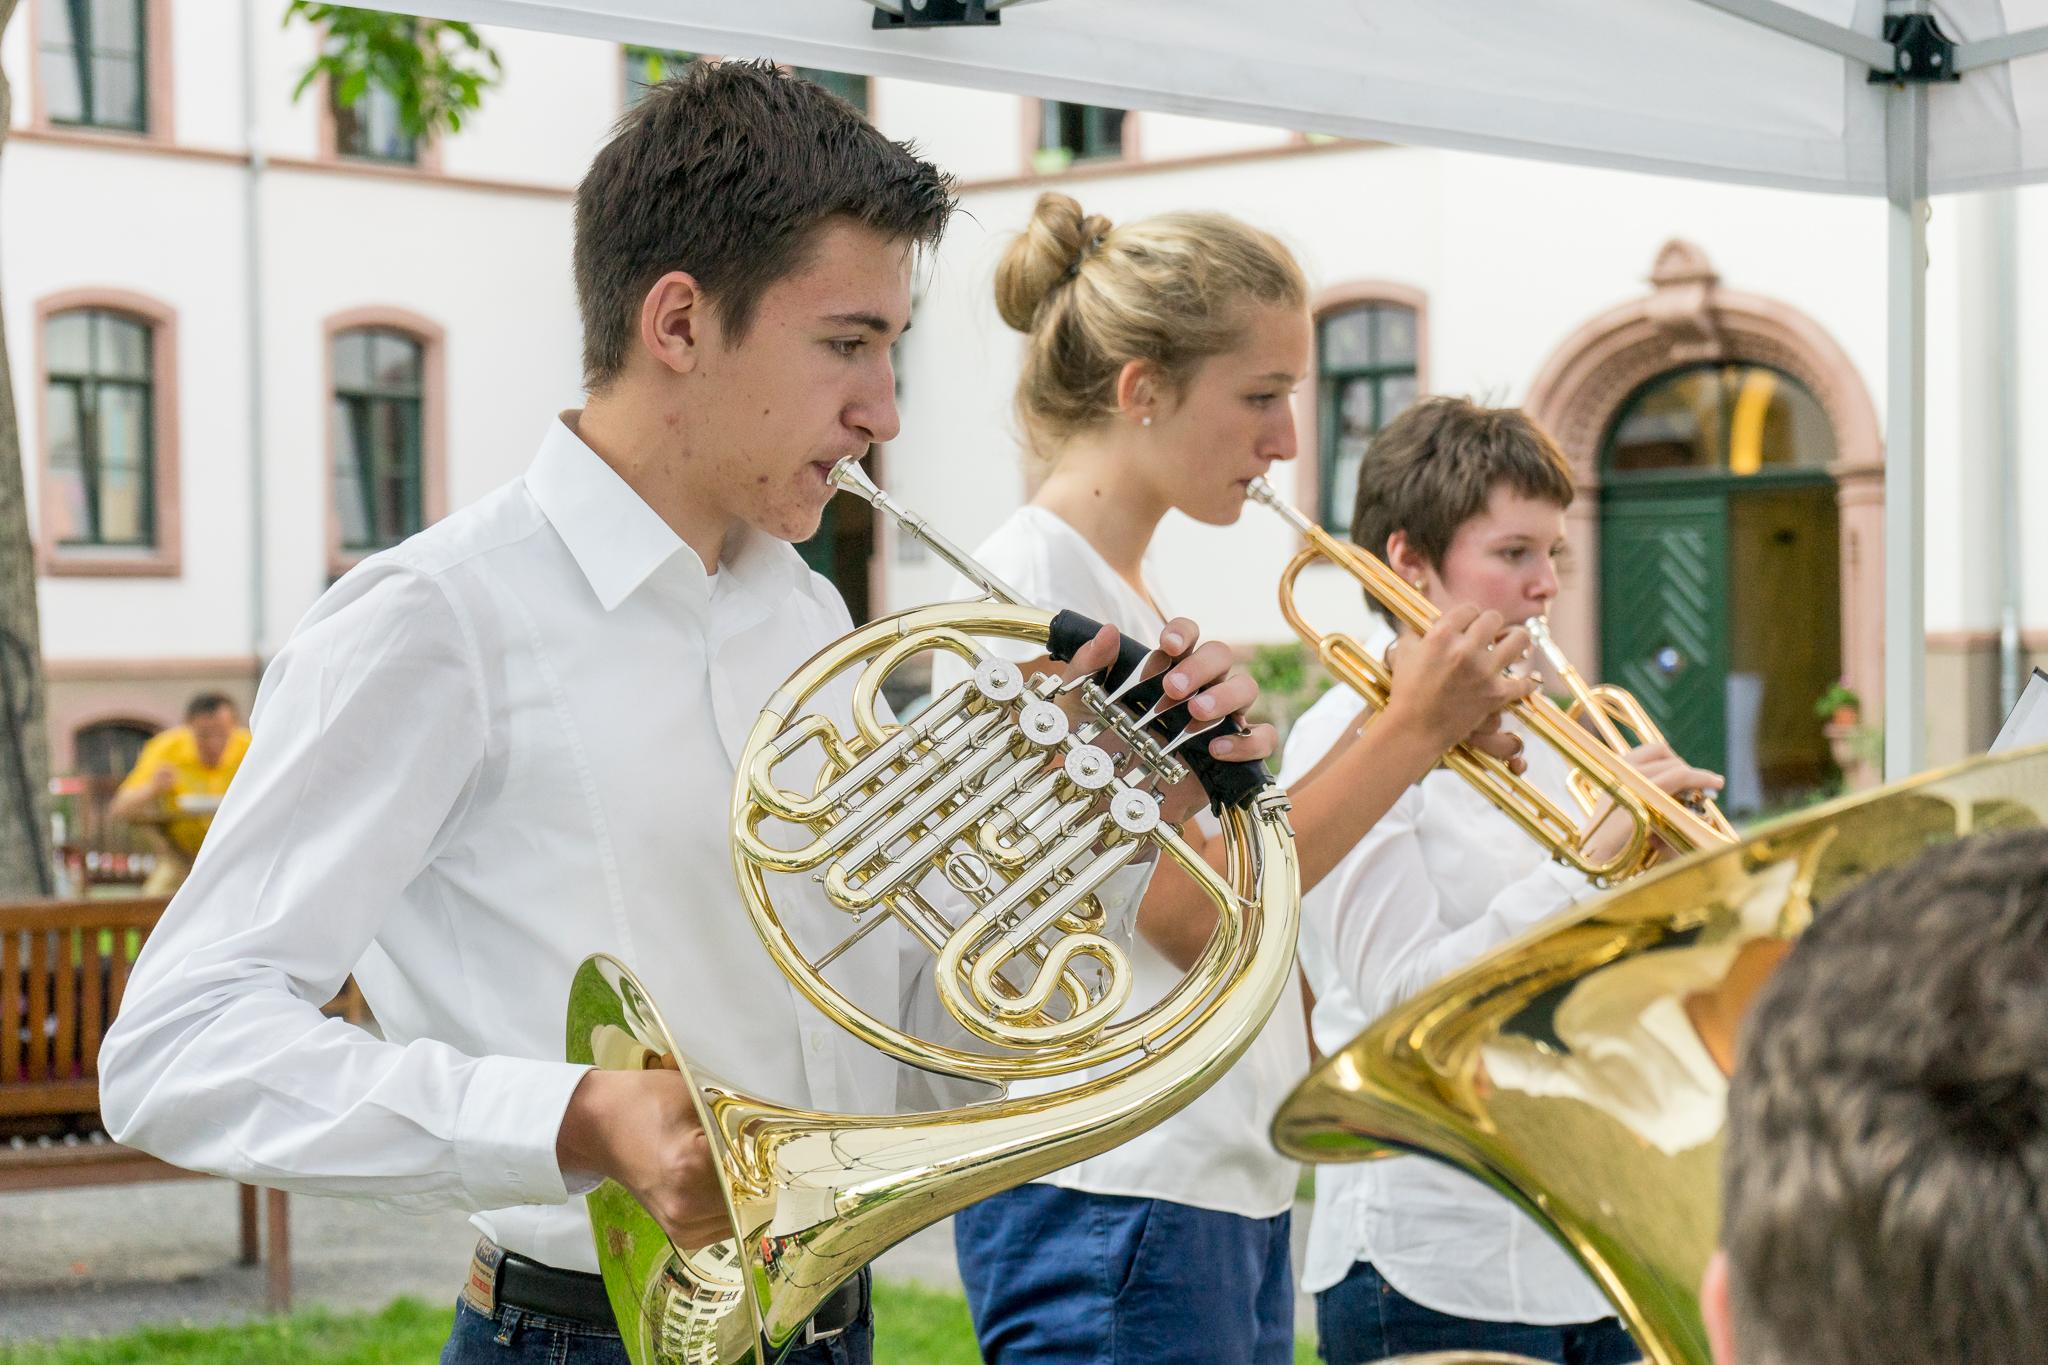 BläserInnen der Bigband der St. Ursula-Schule. Immer wieder gerne gehört, nicht nur bei den Adventskonzerten im Innenhof der Stiftung.